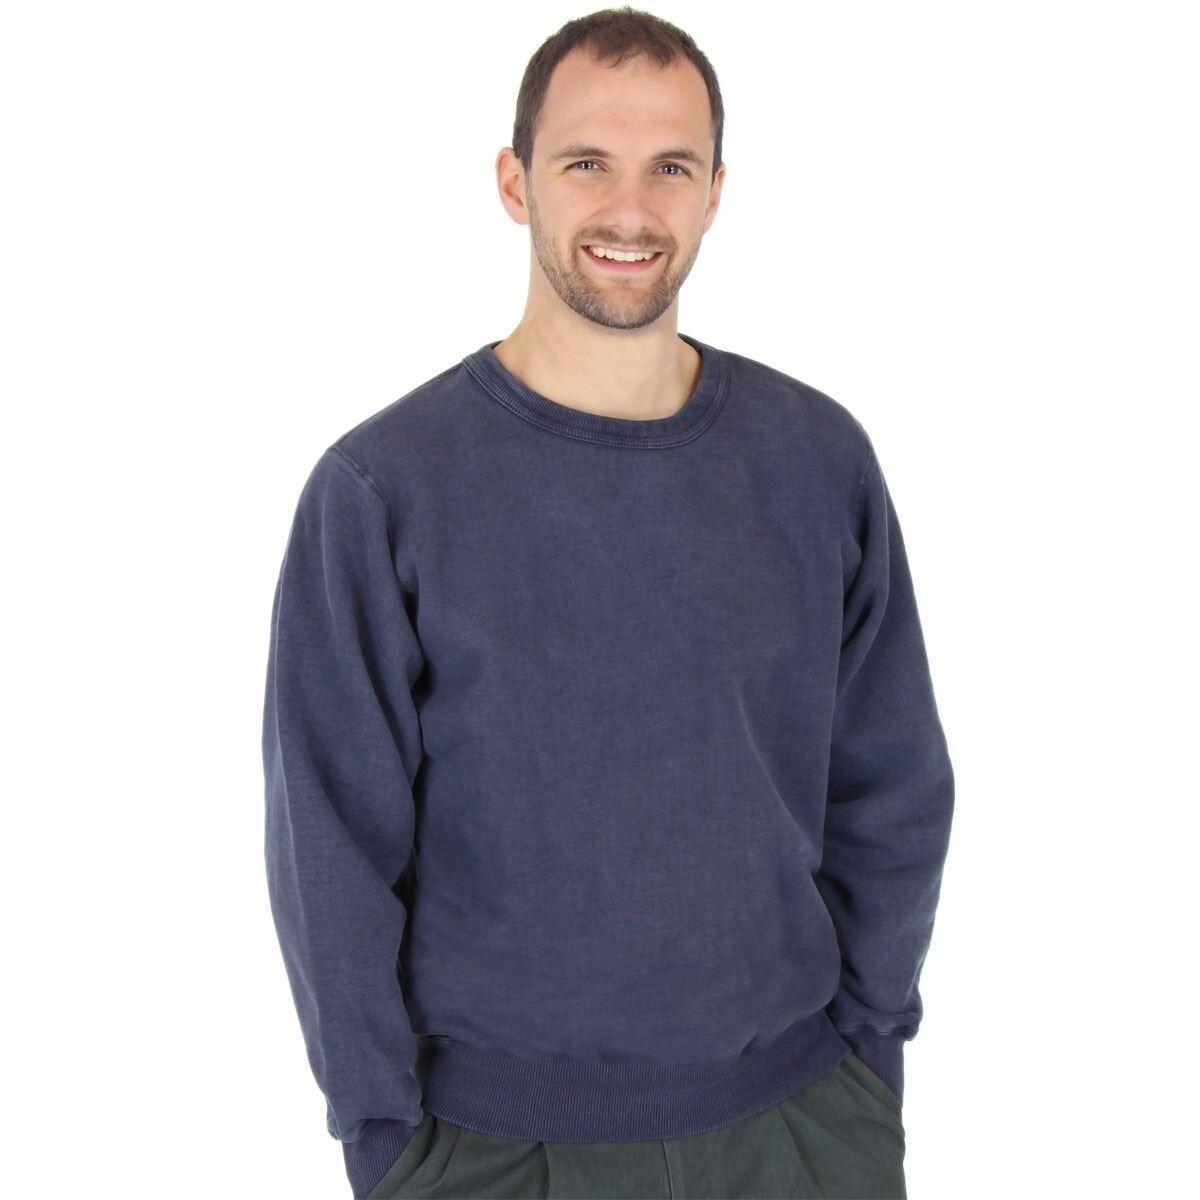 Herren 100% Heavy Cotton Crew Pullover Sweatshirt - CottonMill - Made in Canada